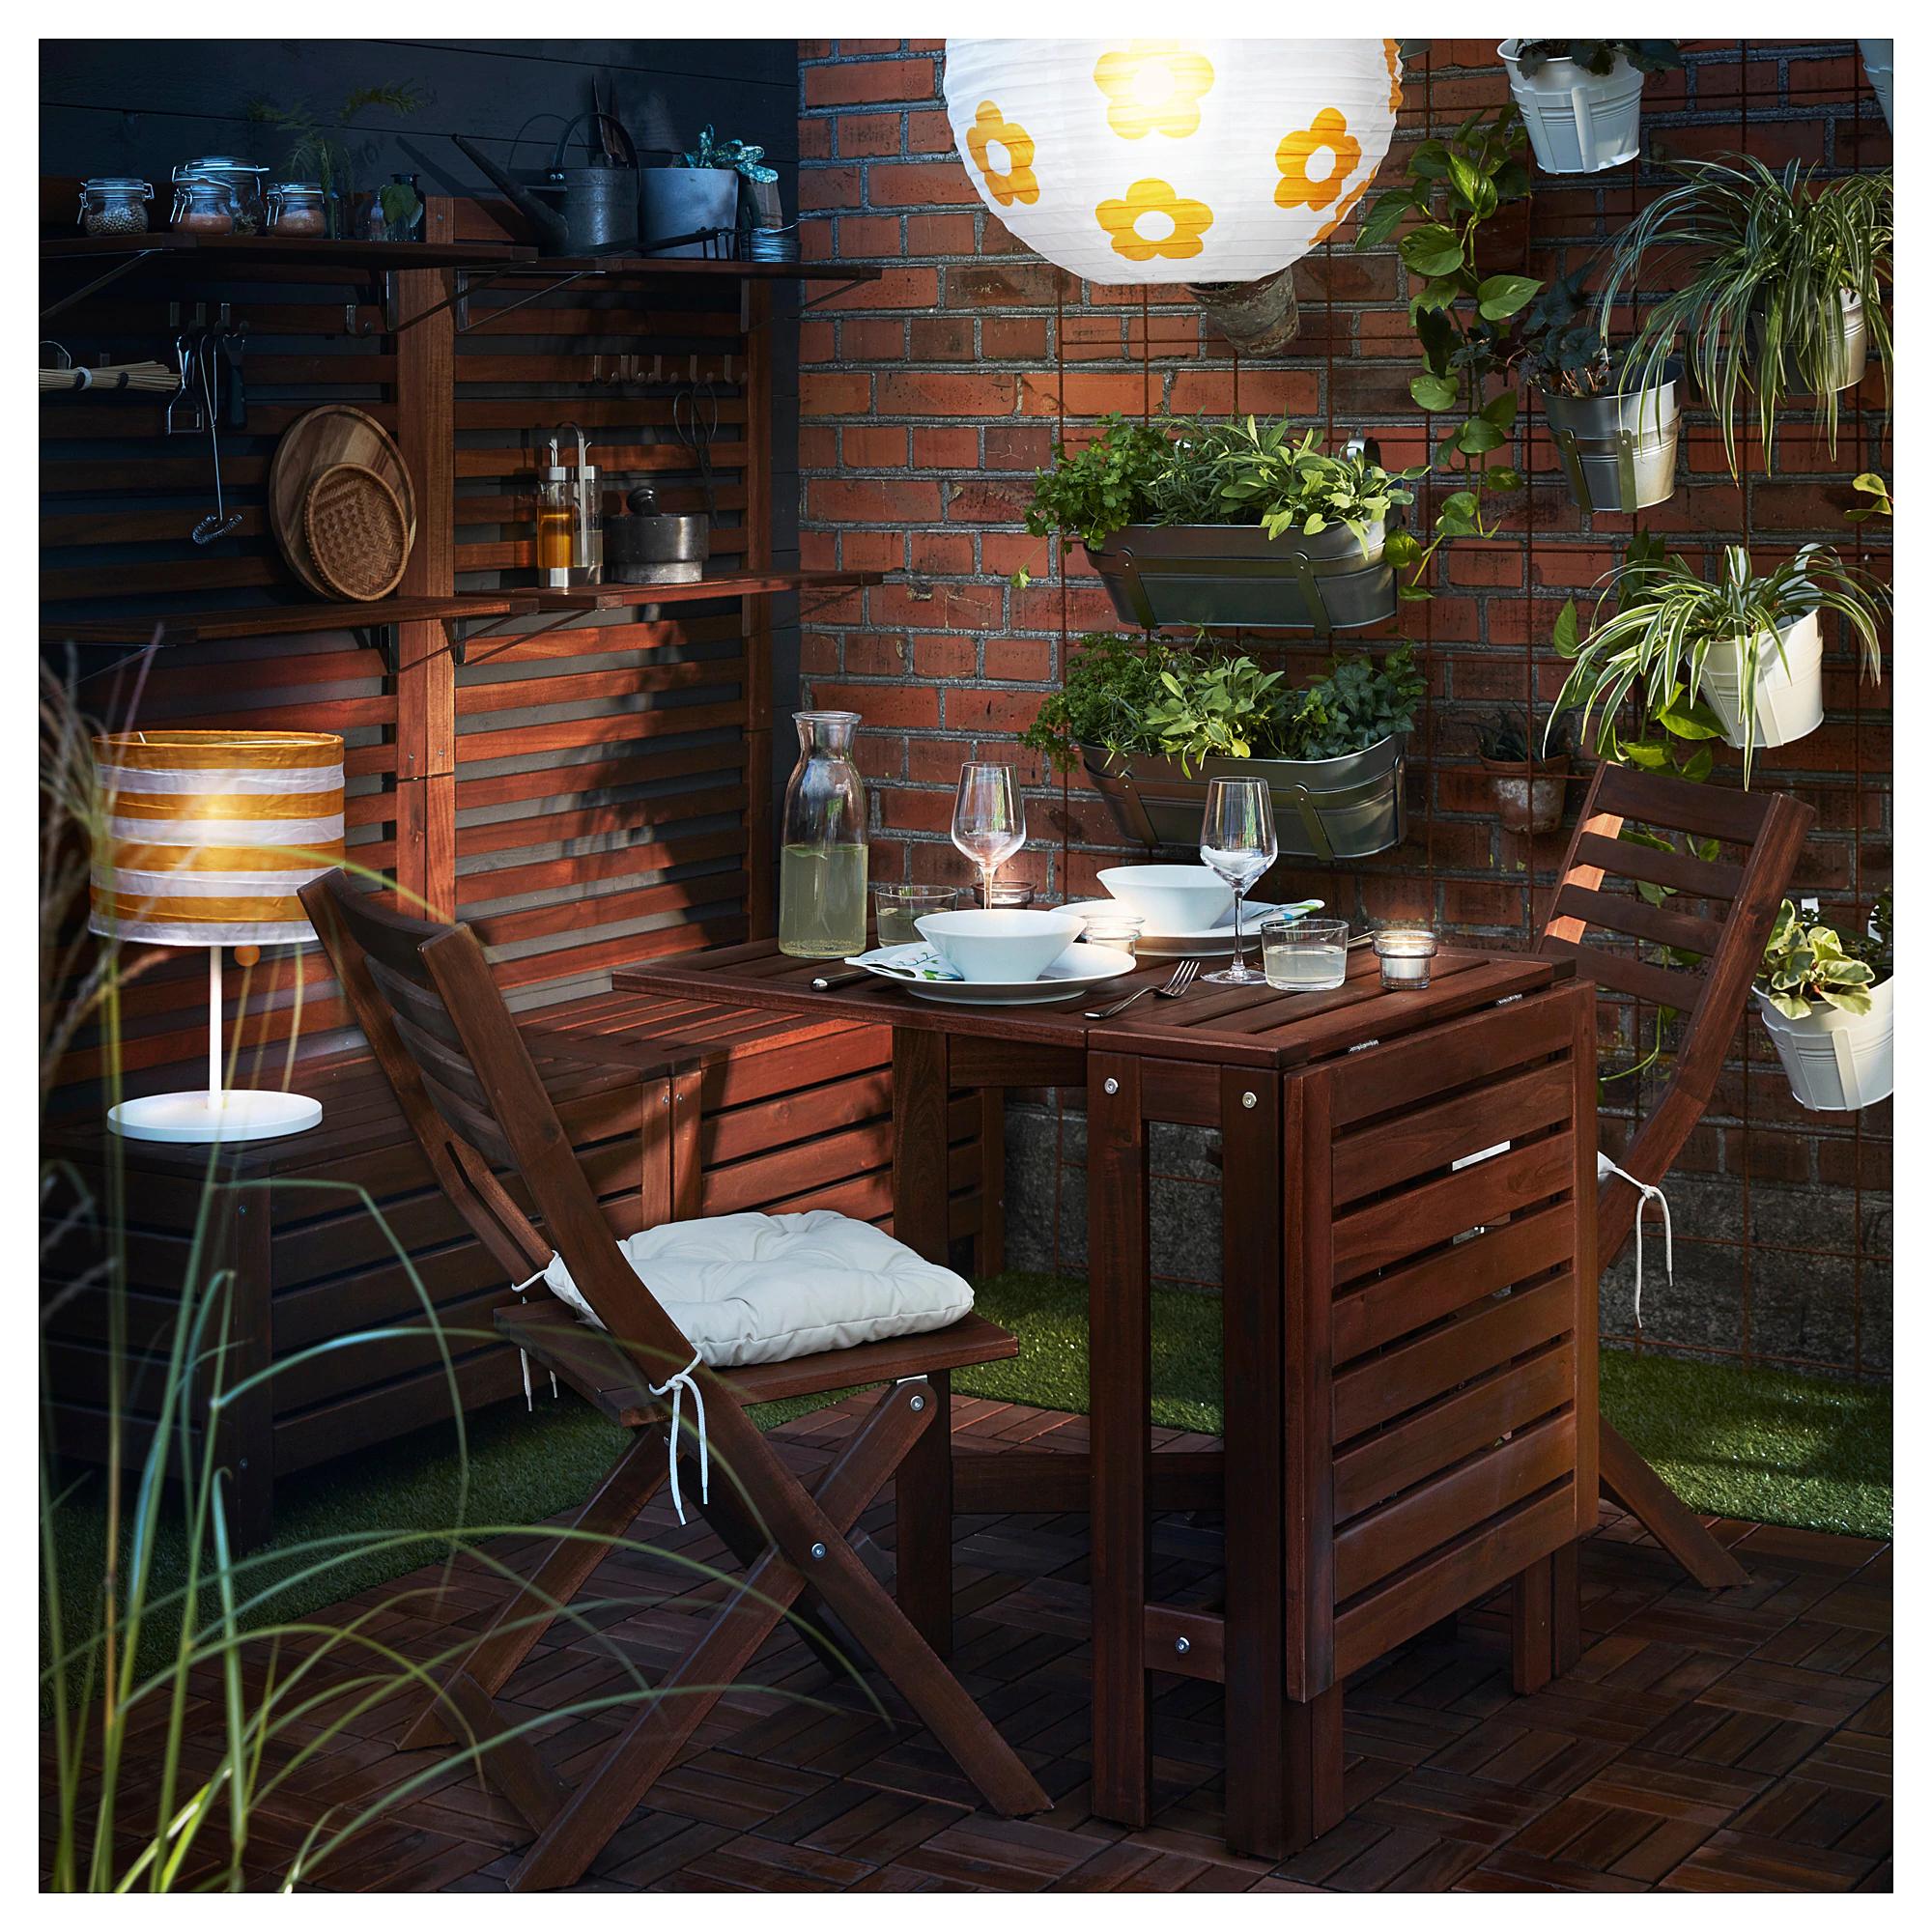 Idée pour un jardin avec des meubles en bois Ikea